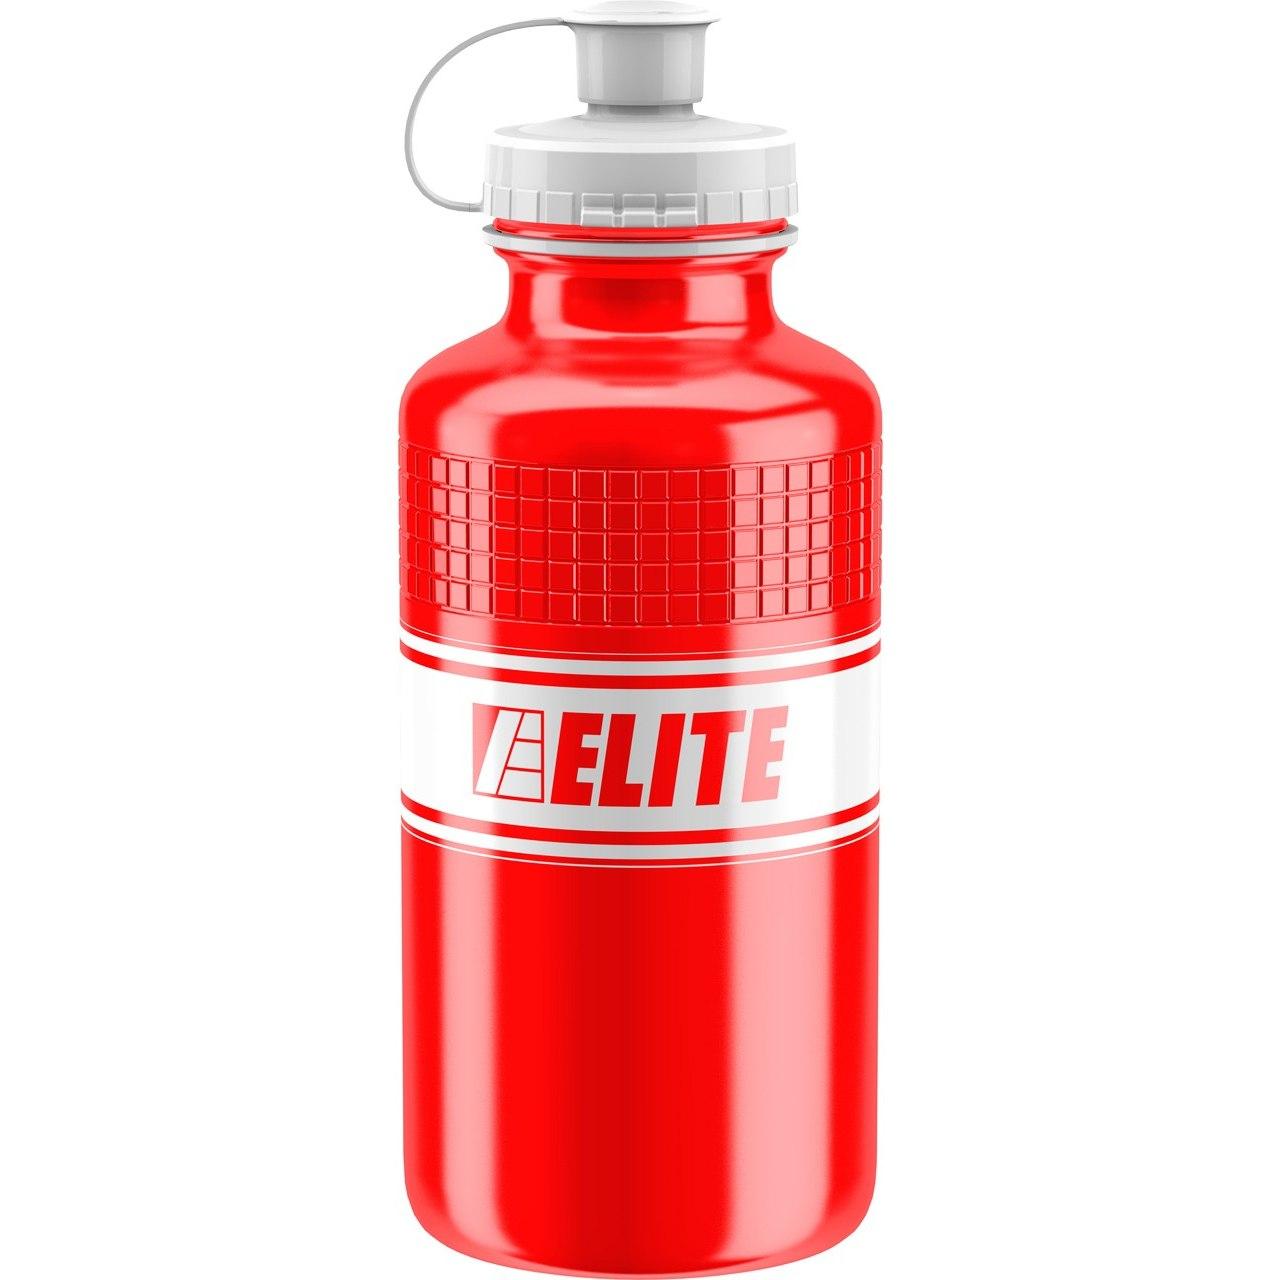 Elite Eroica Vintage Bottle 500ml - Red